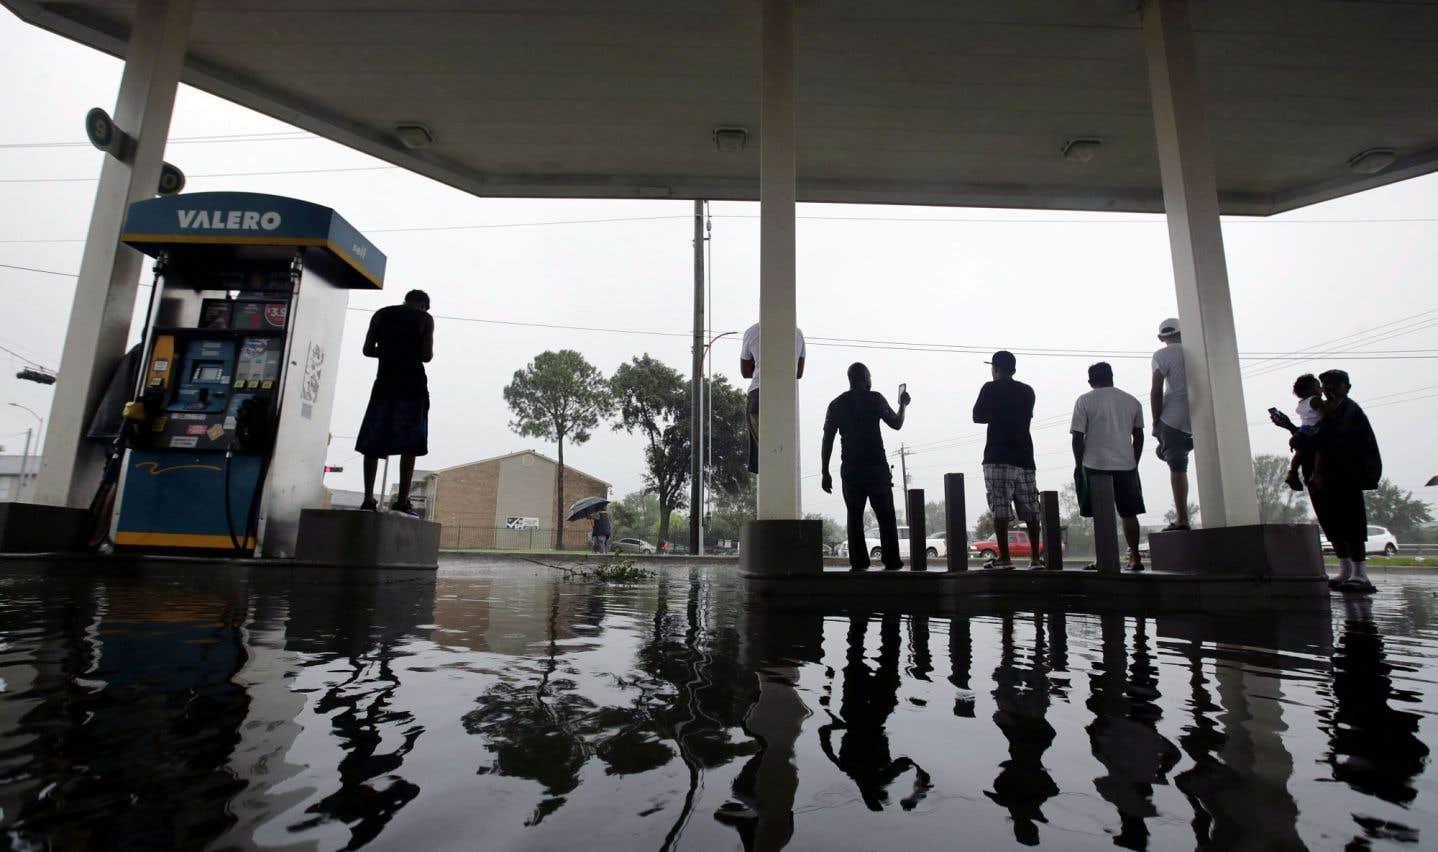 Le prix du gallon d'essence a accéléré sa progression jeudi sur le marché new-yorkais des denrées.